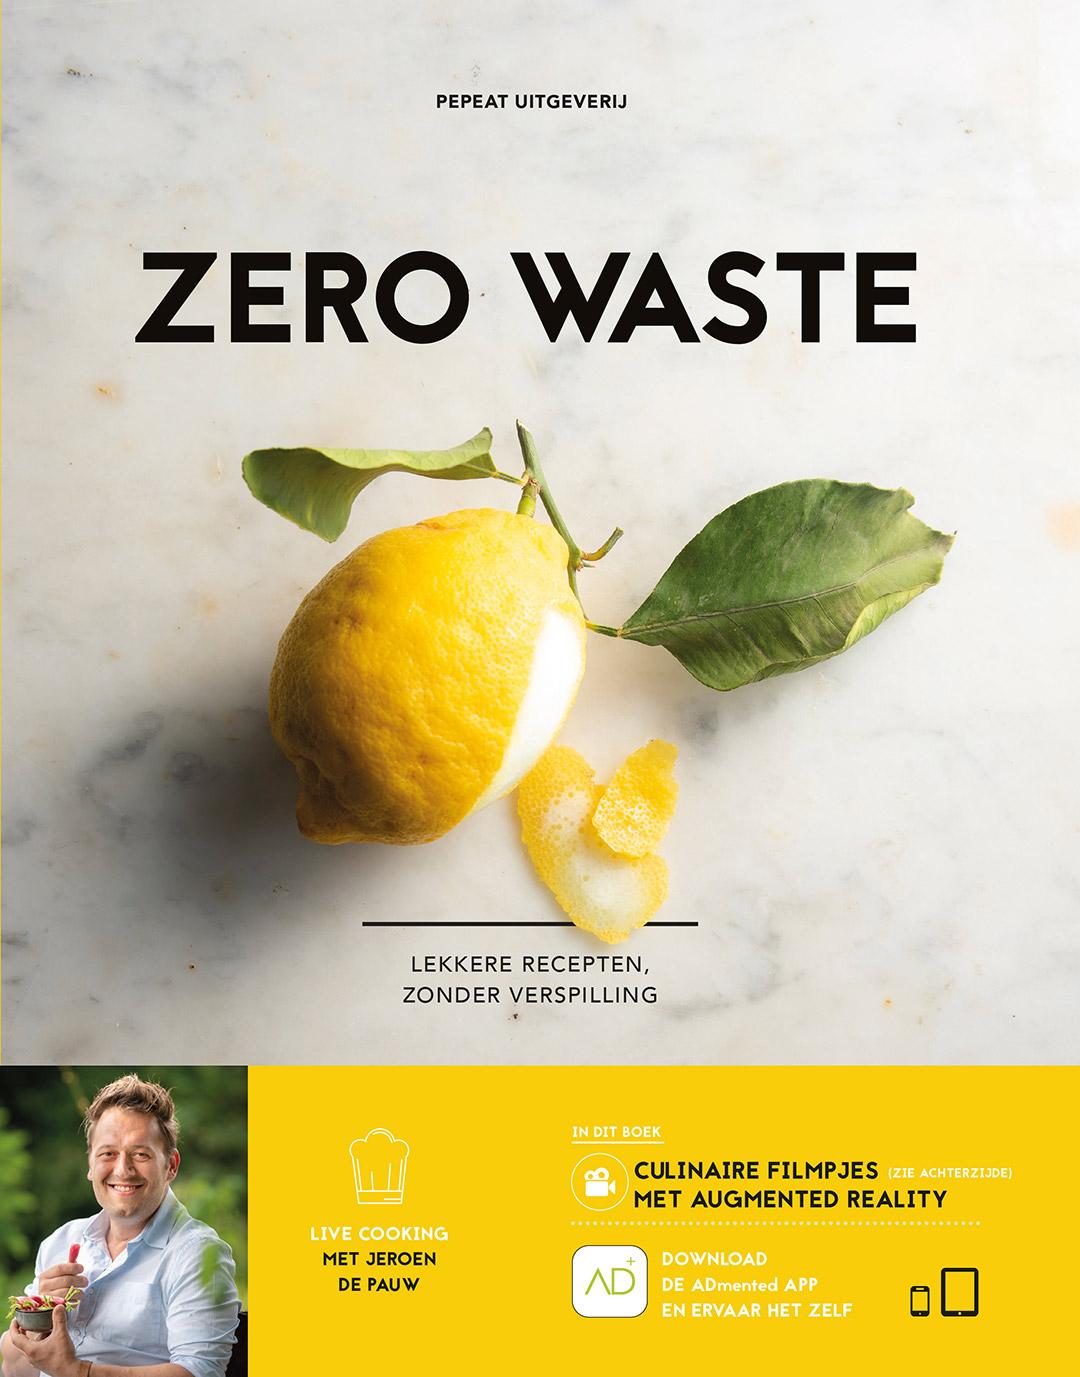 Cover of the Zero Waste cookbook.